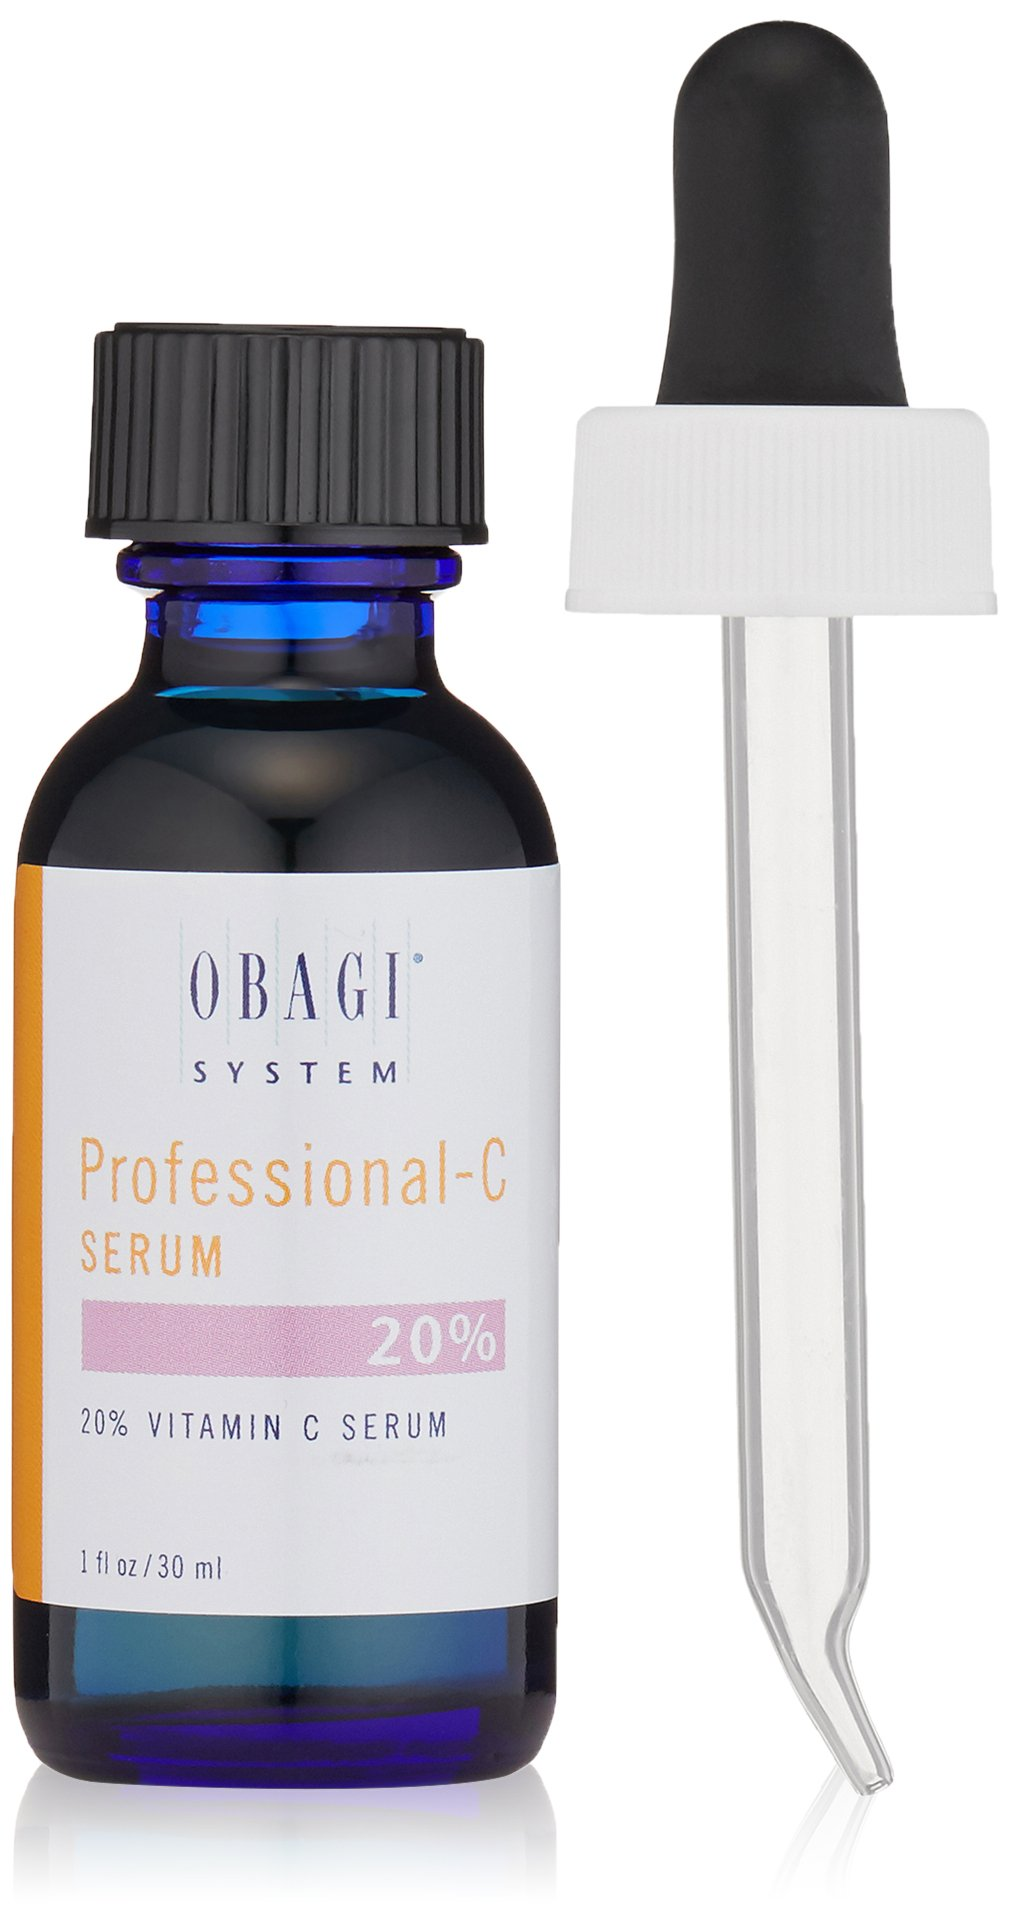 Obagi Professional-C Serum 20%, 1 fl. oz.